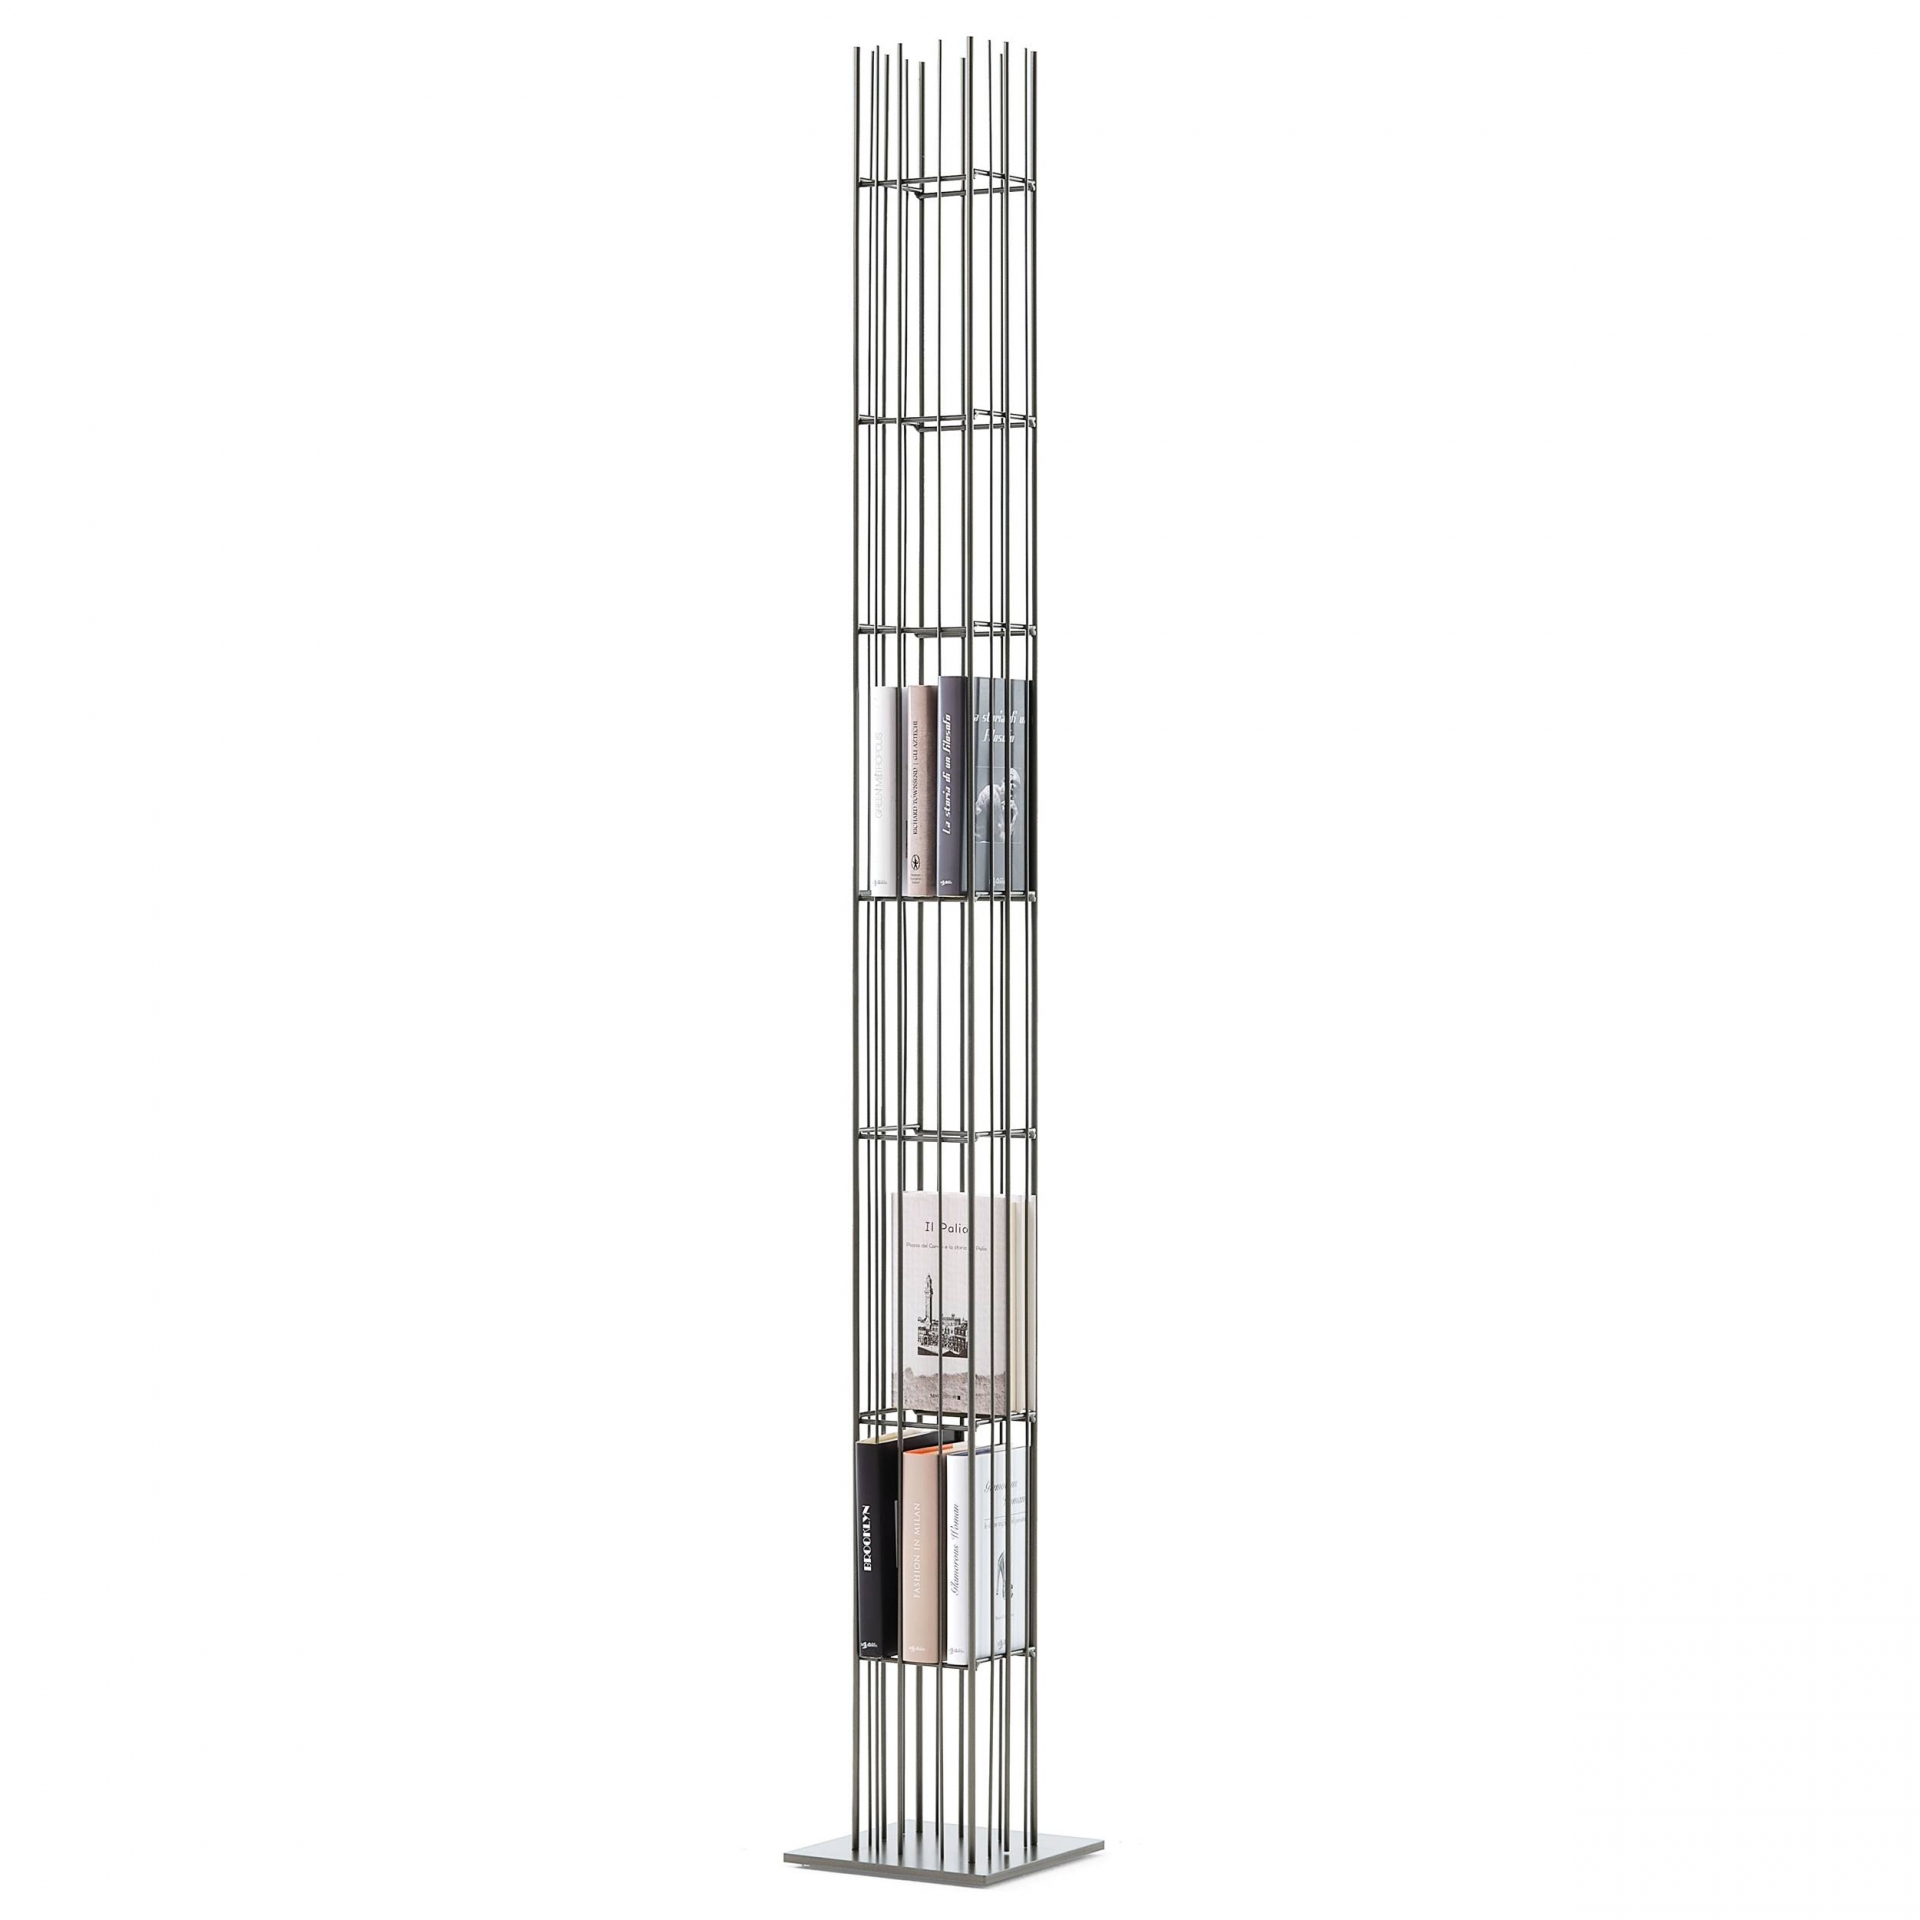 Mogg designové knihovny Metrica Tower